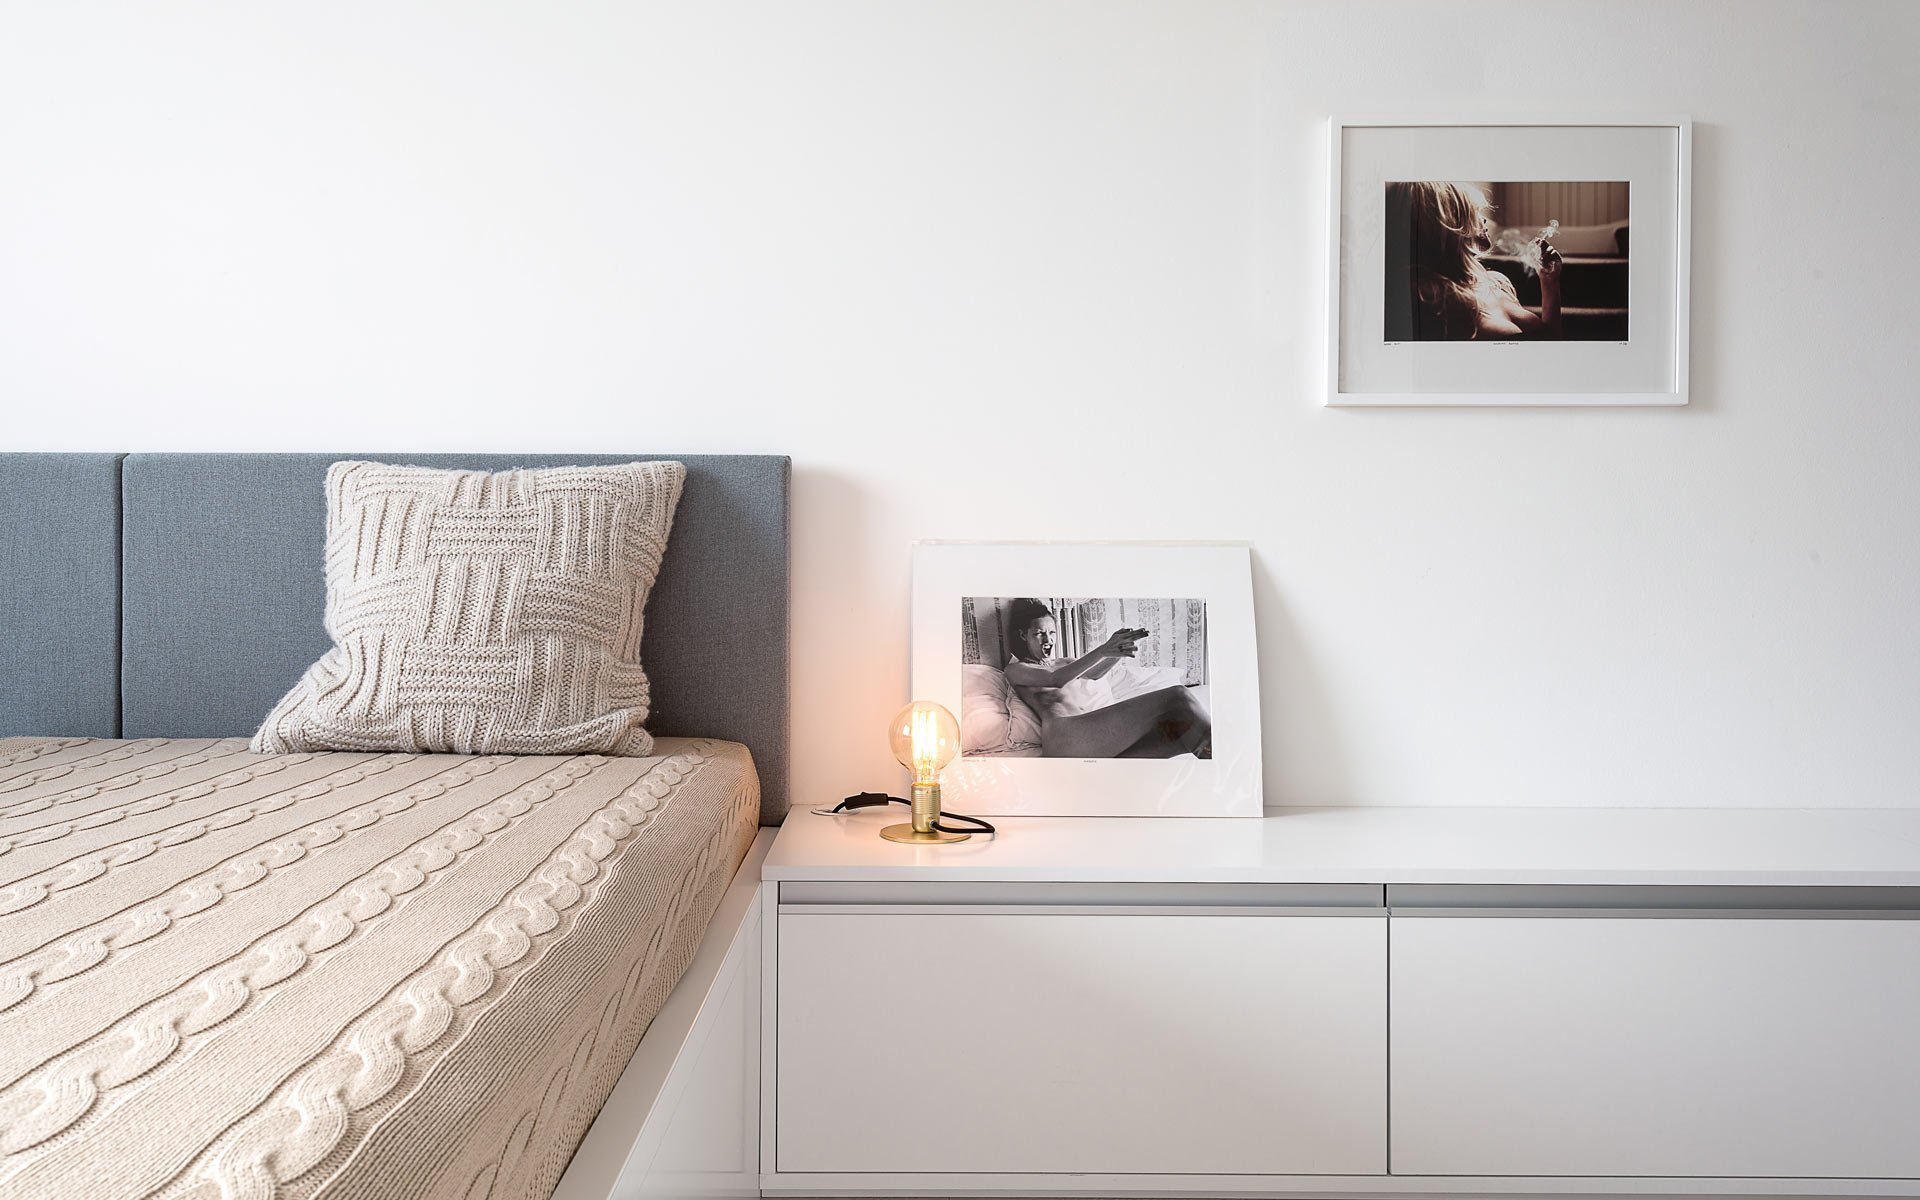 Uspořádání malého bytu se zdá být jednoduché. Malá plocha, méně starostí? Naopak! V malém bytě je velmi snadné udělat i základní chyby, které místo zvětšení celý prostor ještě více zmenší.